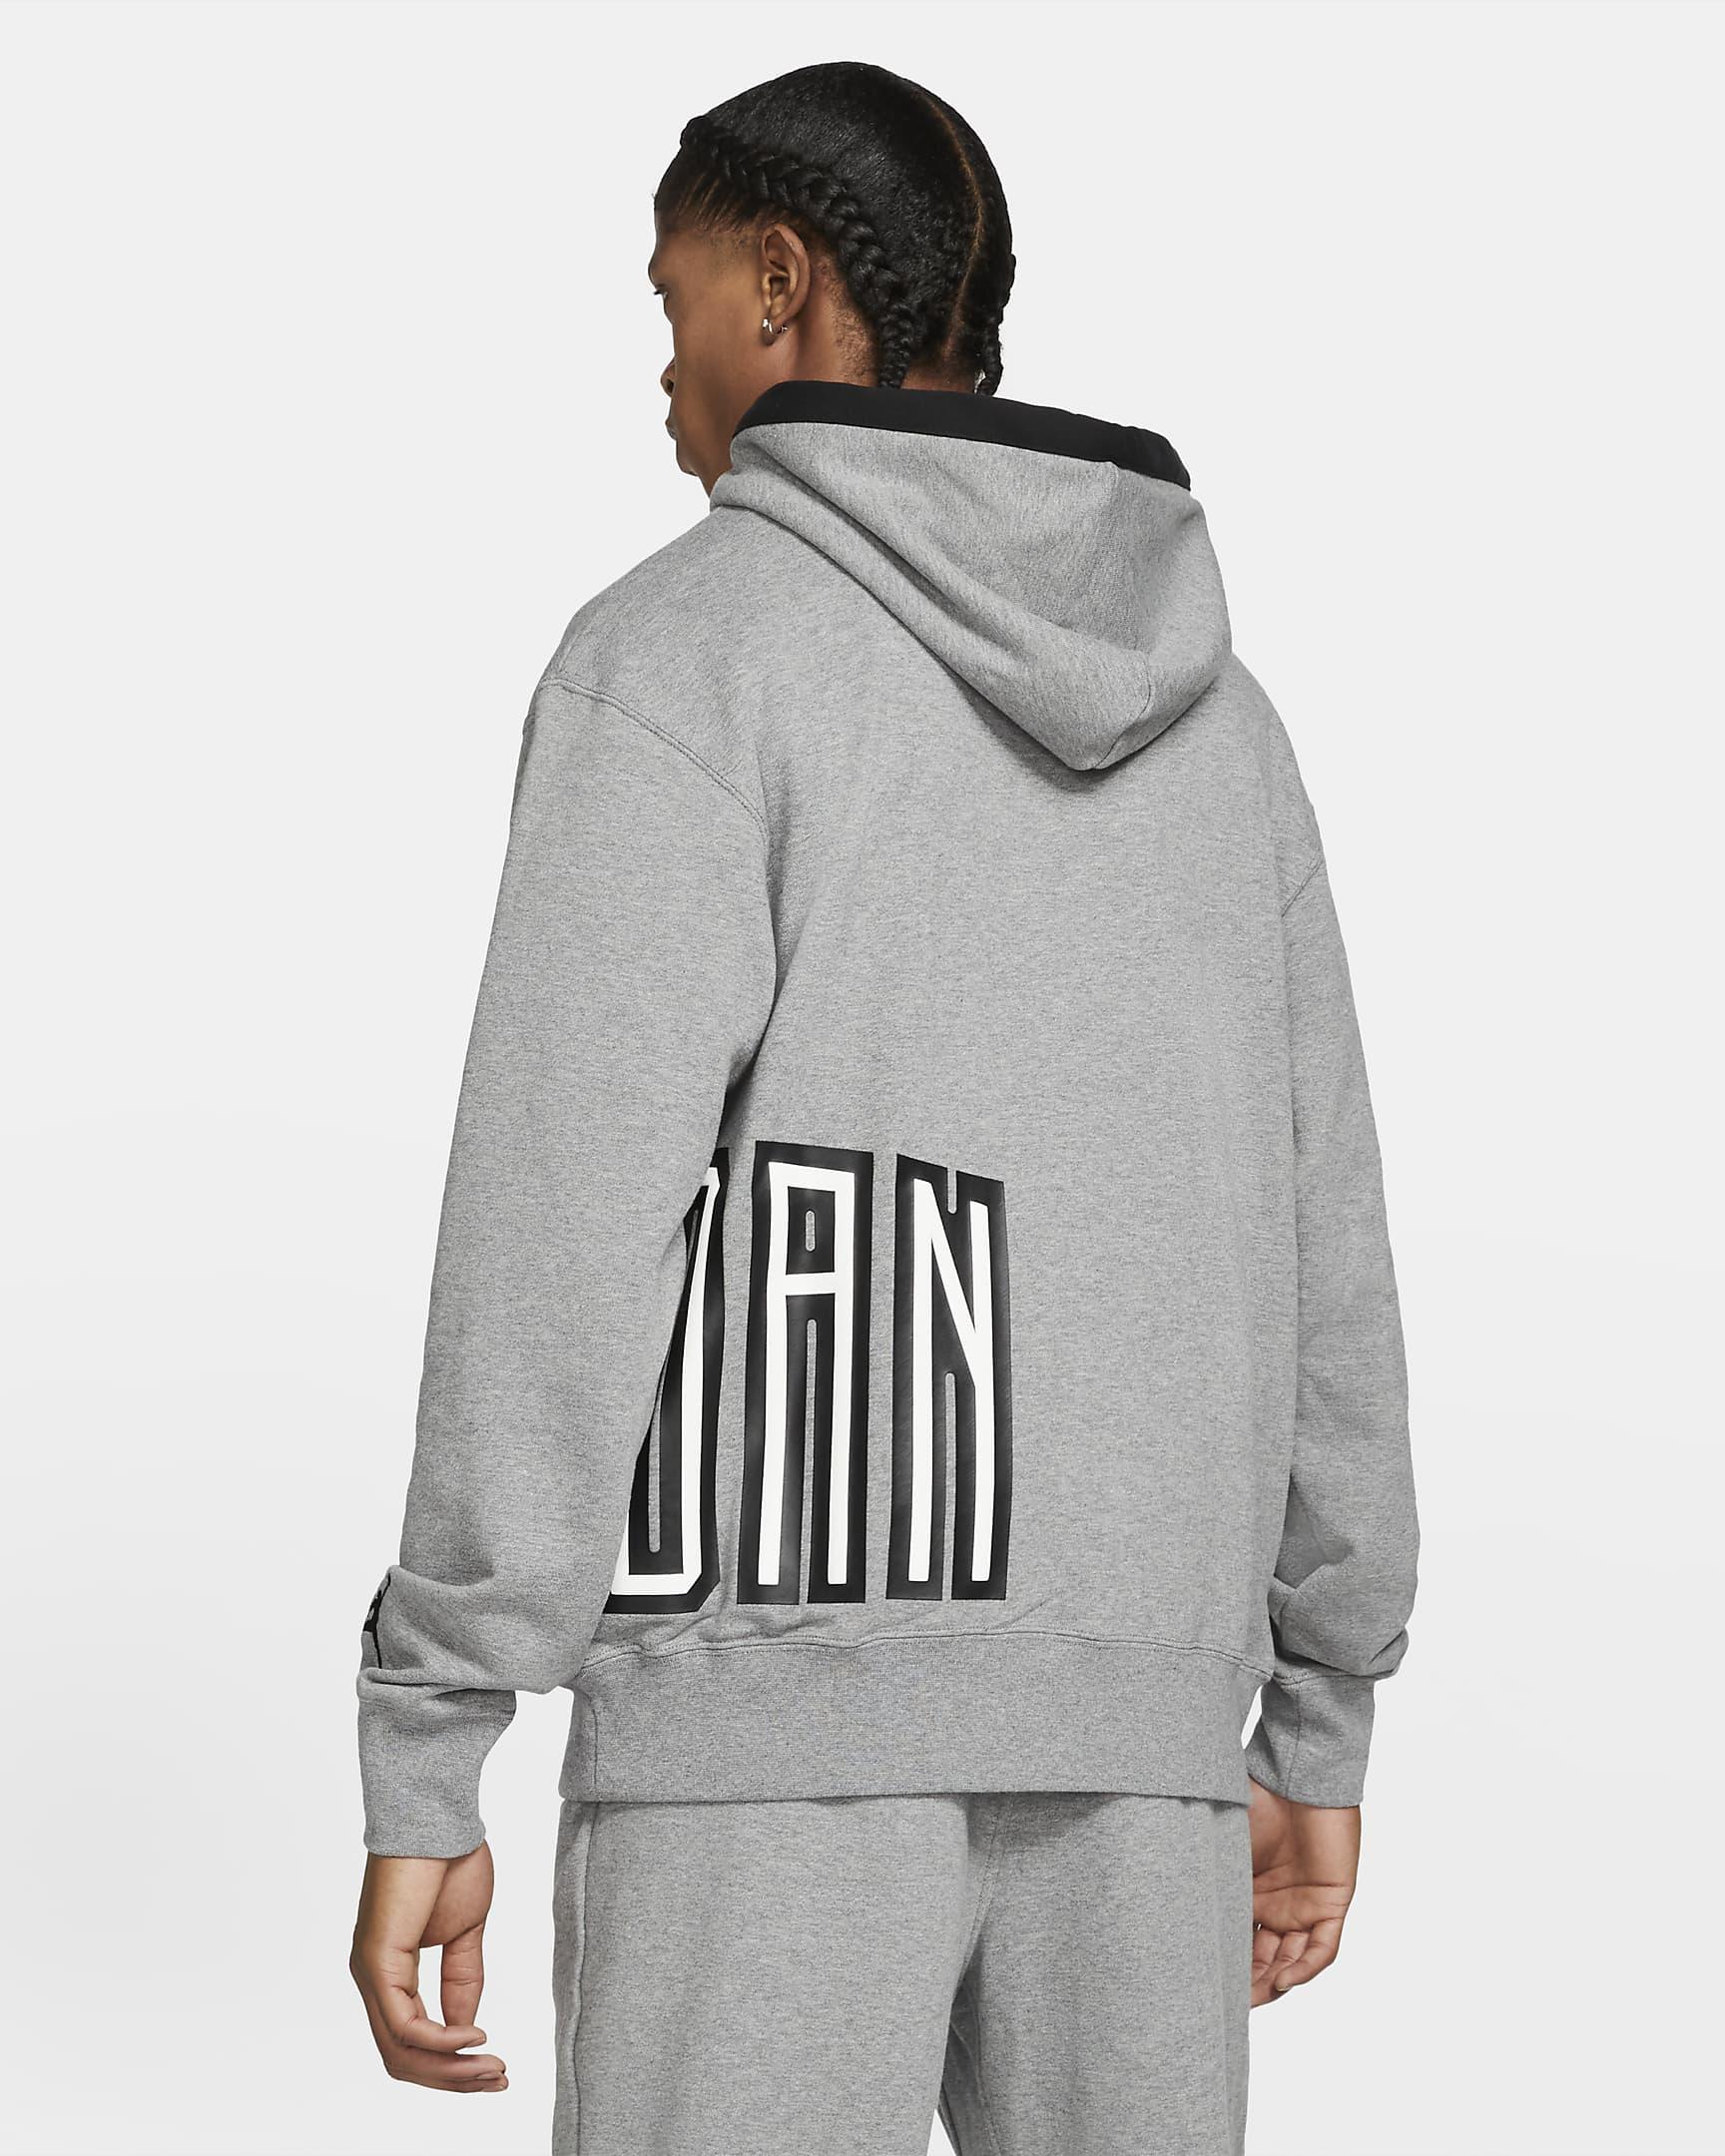 jordan-sport-dna-mens-fleece-hoodie-xTcsrn-1.png